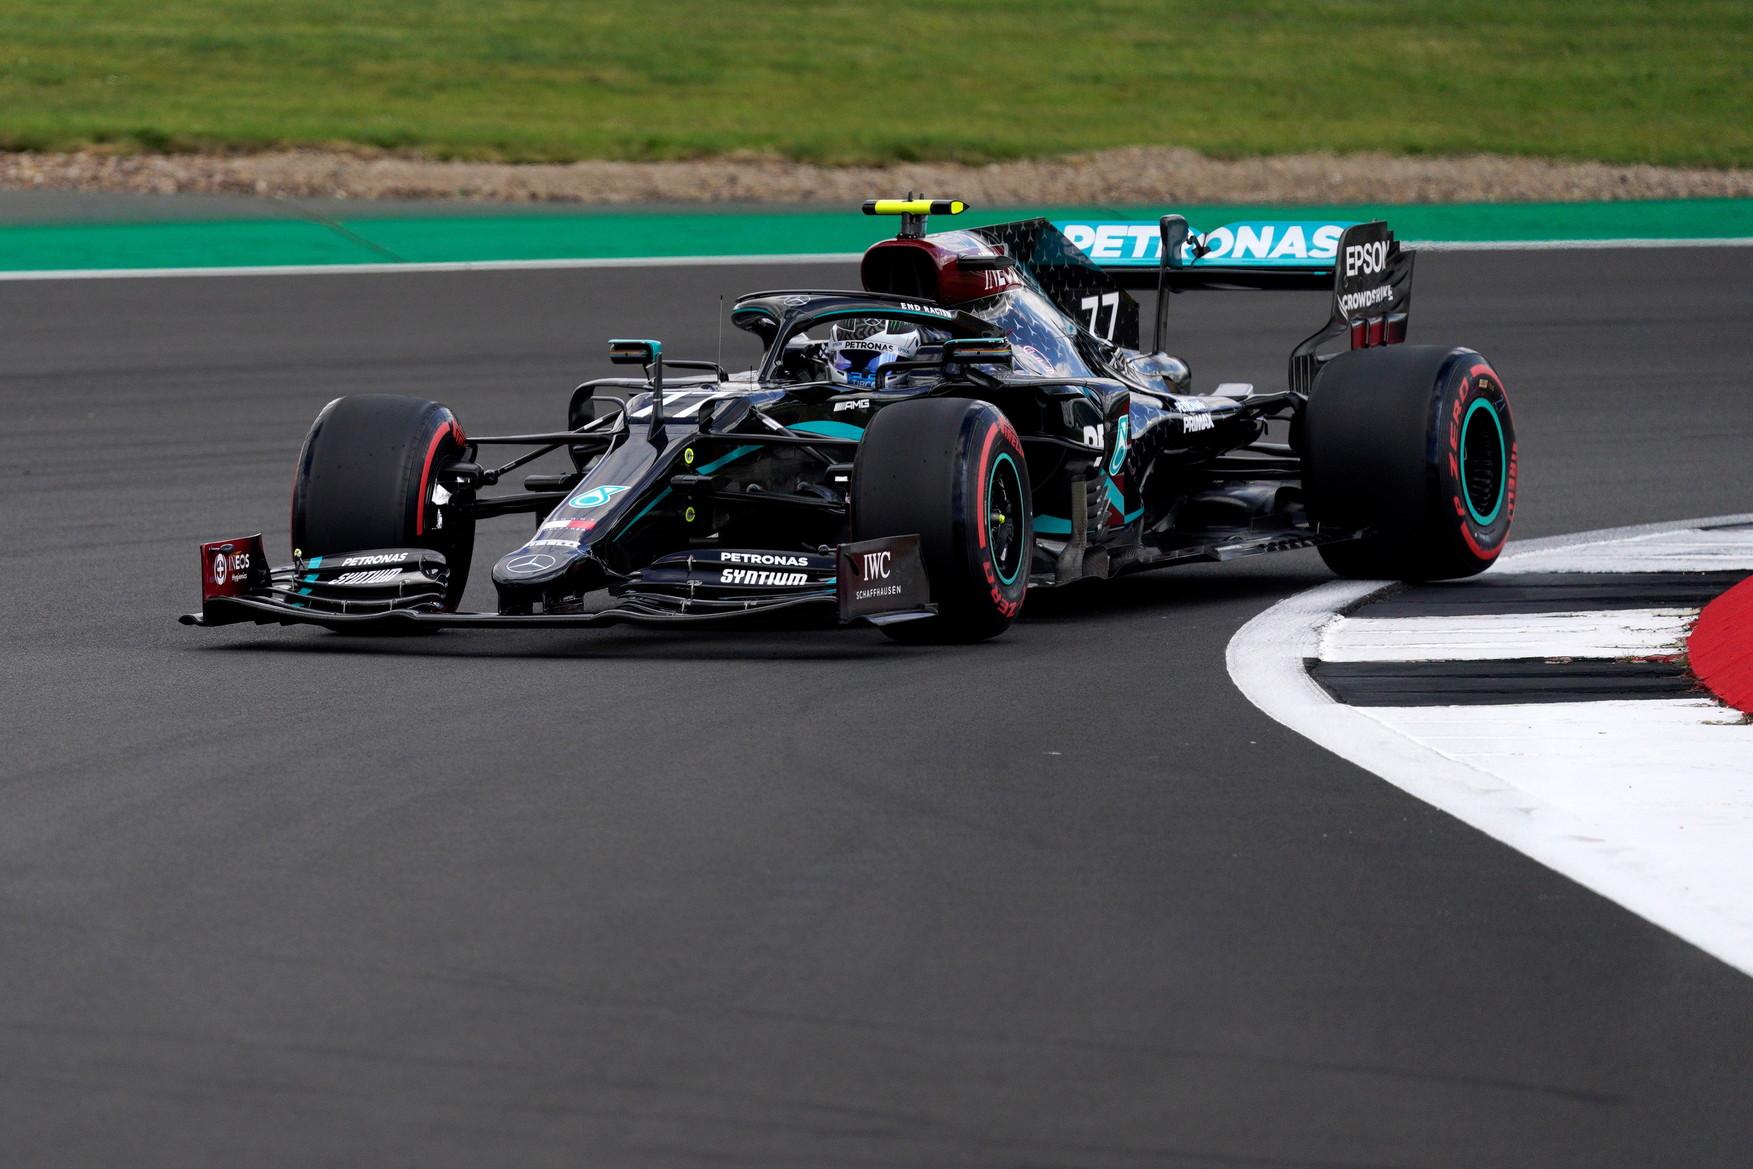 Il britannico conquista la 7 pole position a Silverstone, la 91esima della sua carrierca in Formula 1